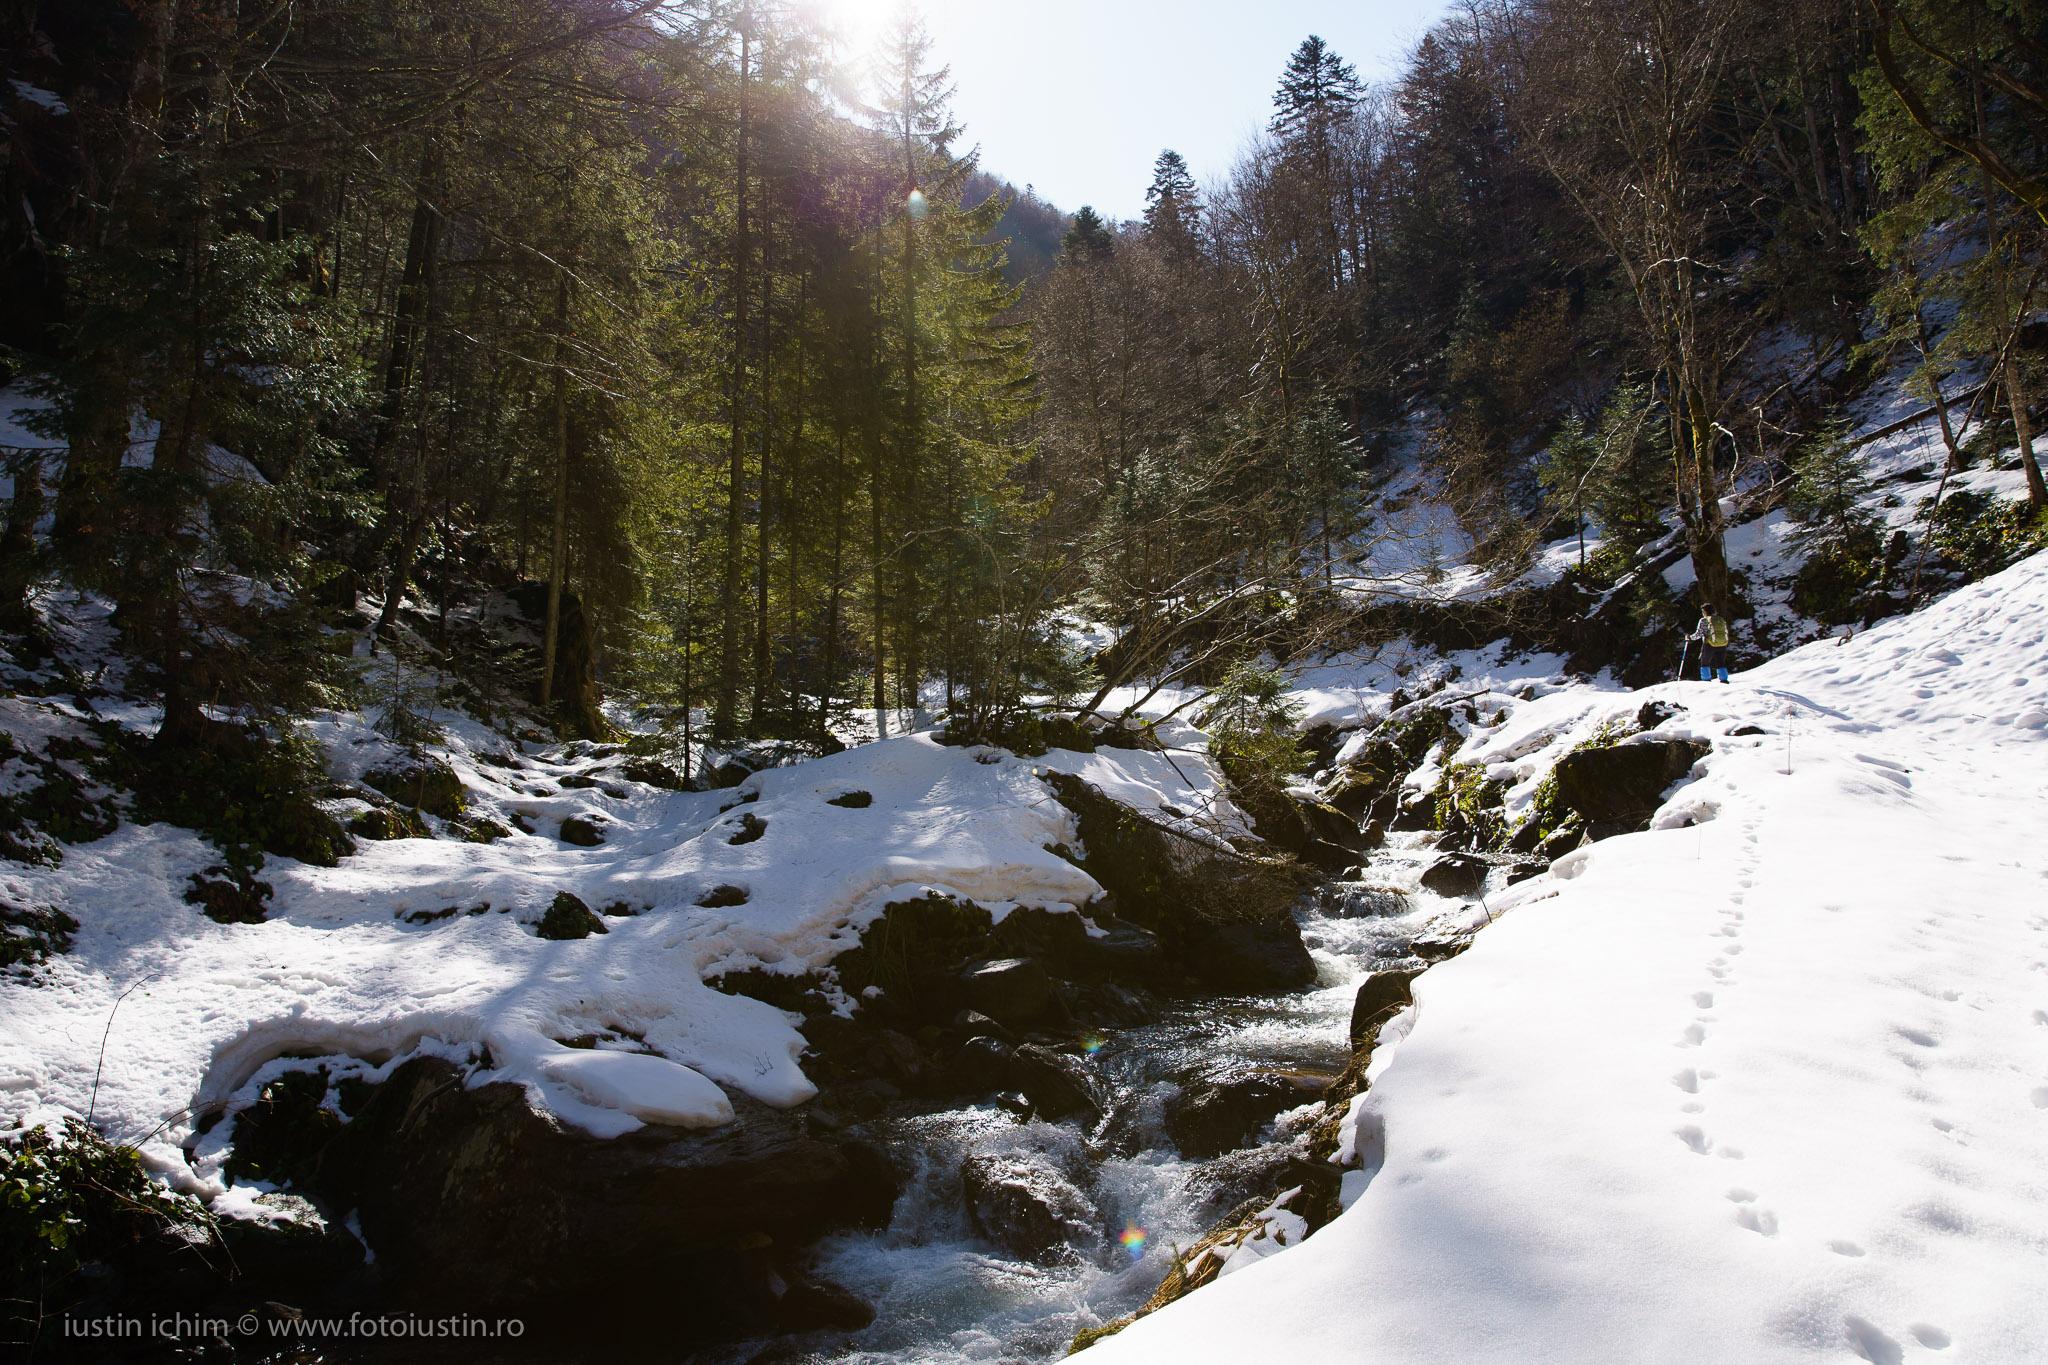 Traseu pe valea Brezcioara